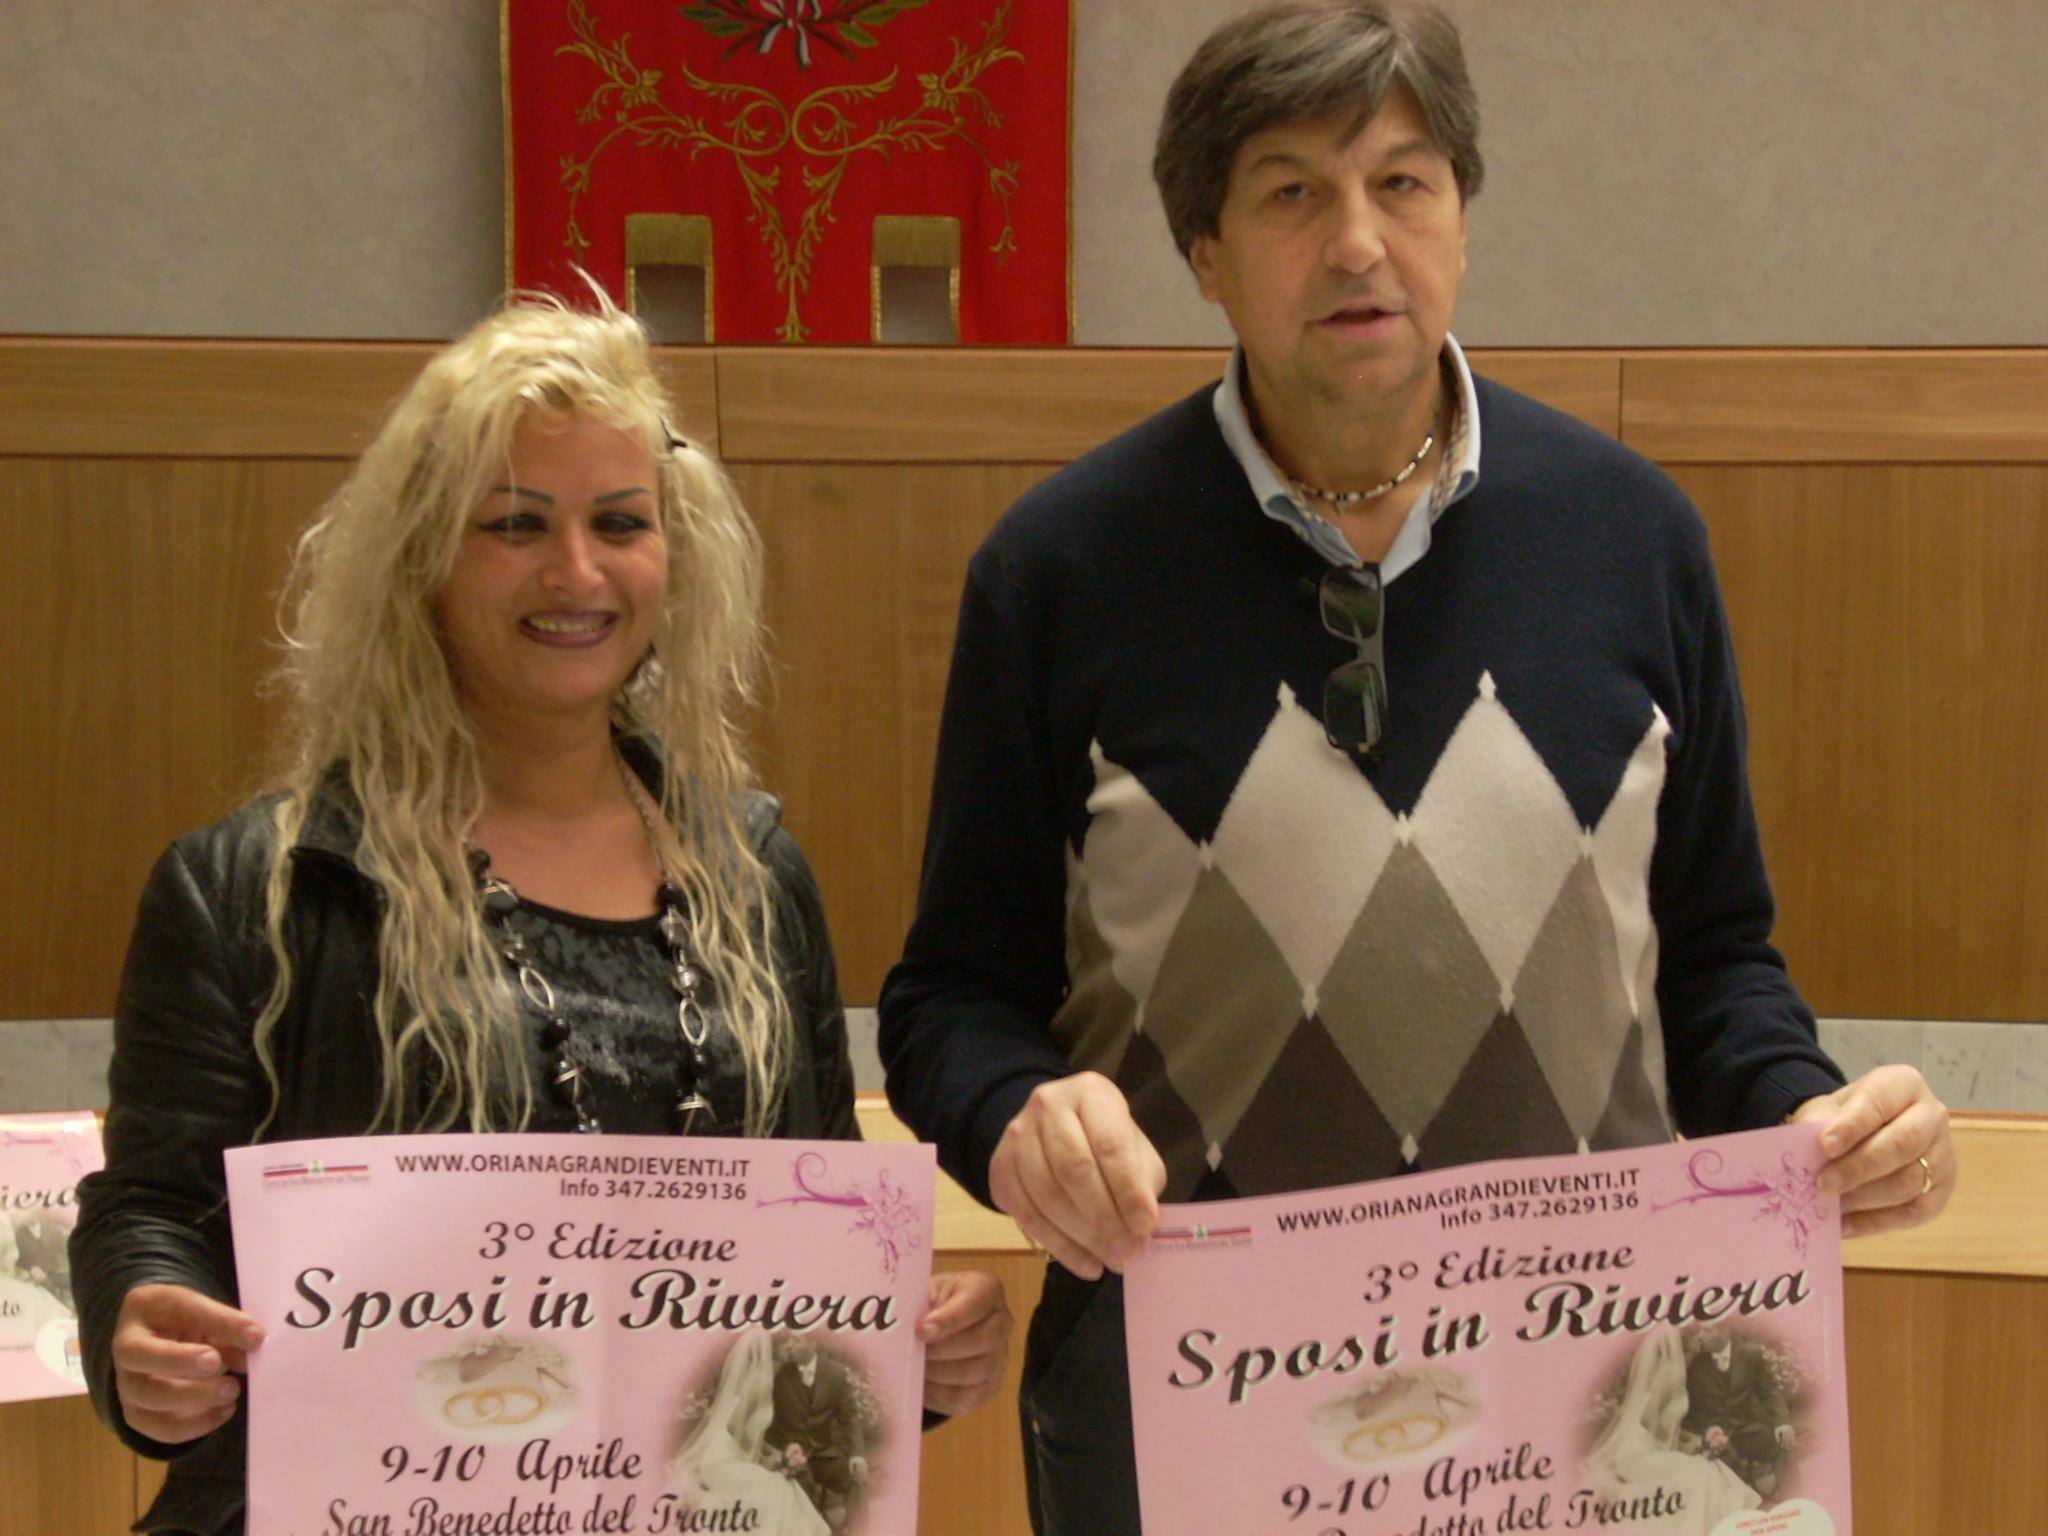 Sposi in Riviera, Oriana Simonetti con Domenico Mozzoni